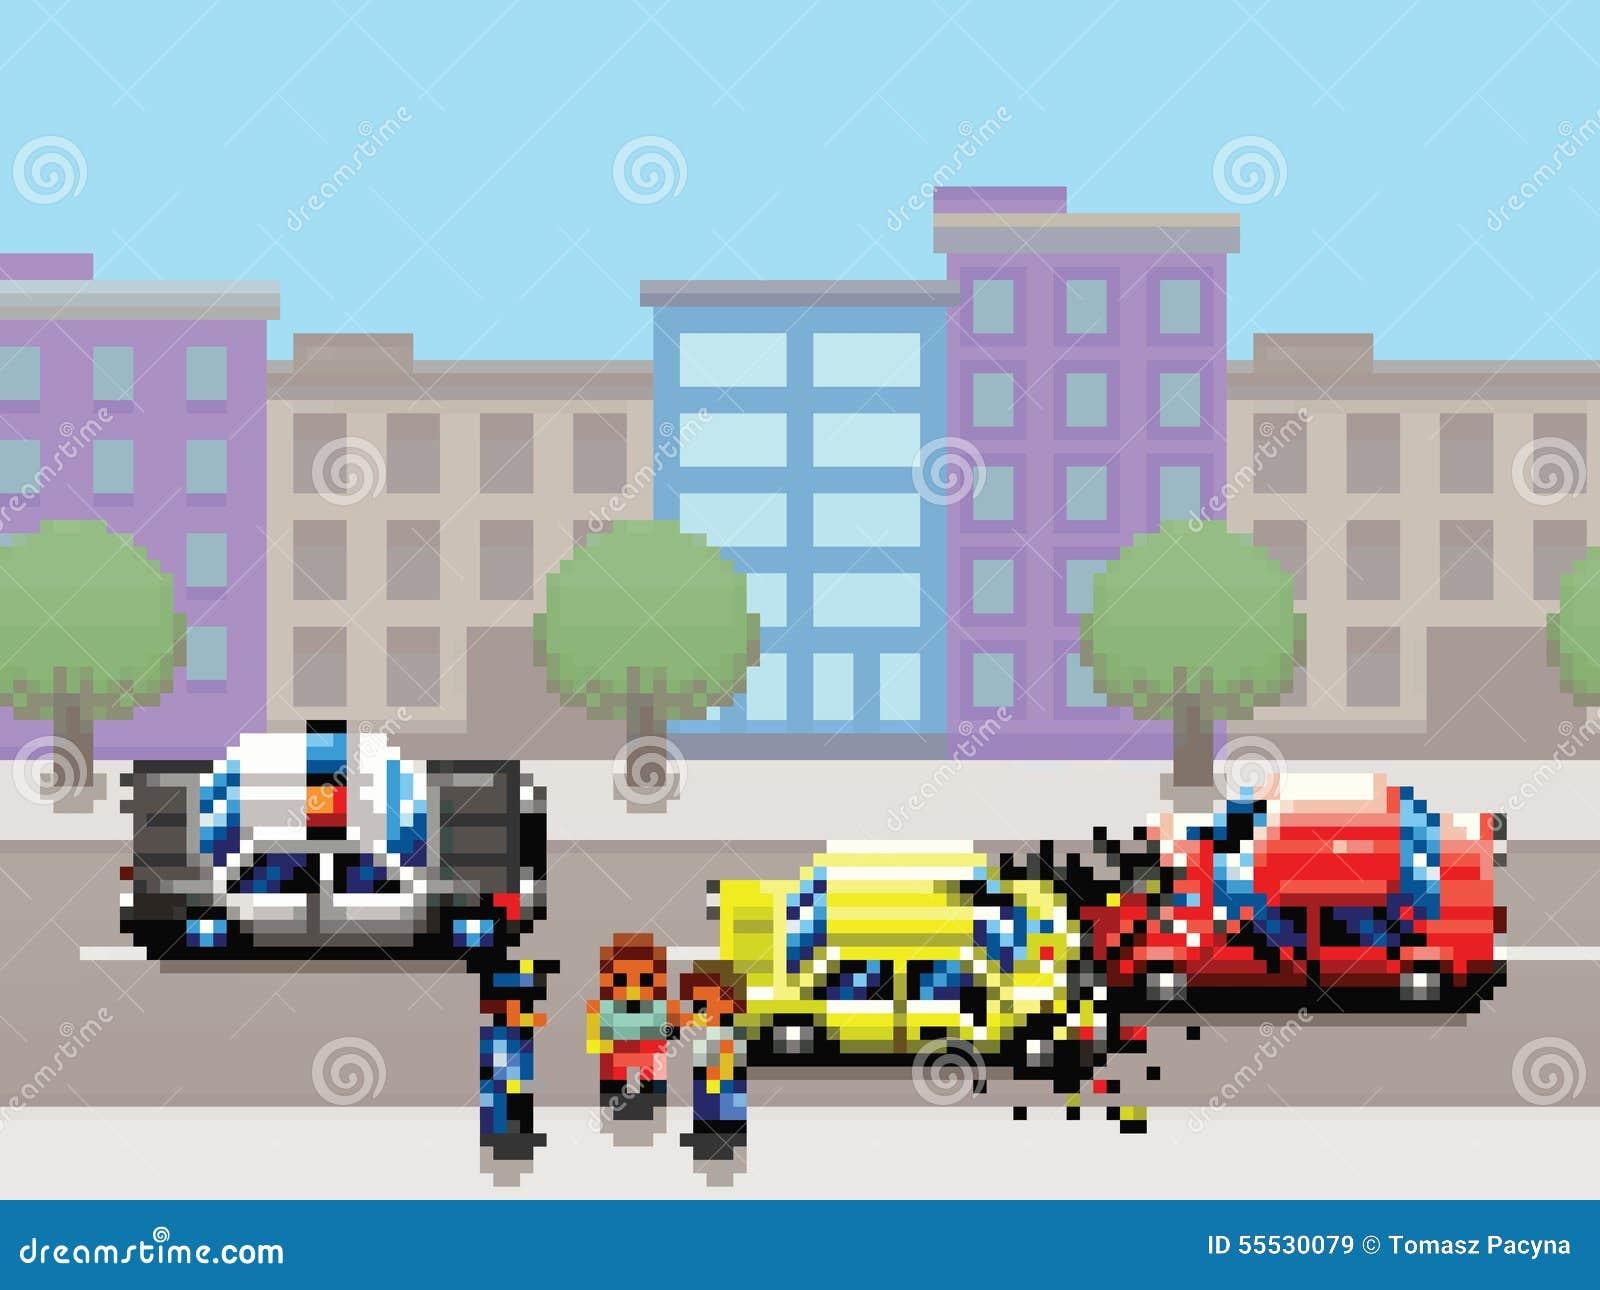 car clipart games - photo #20